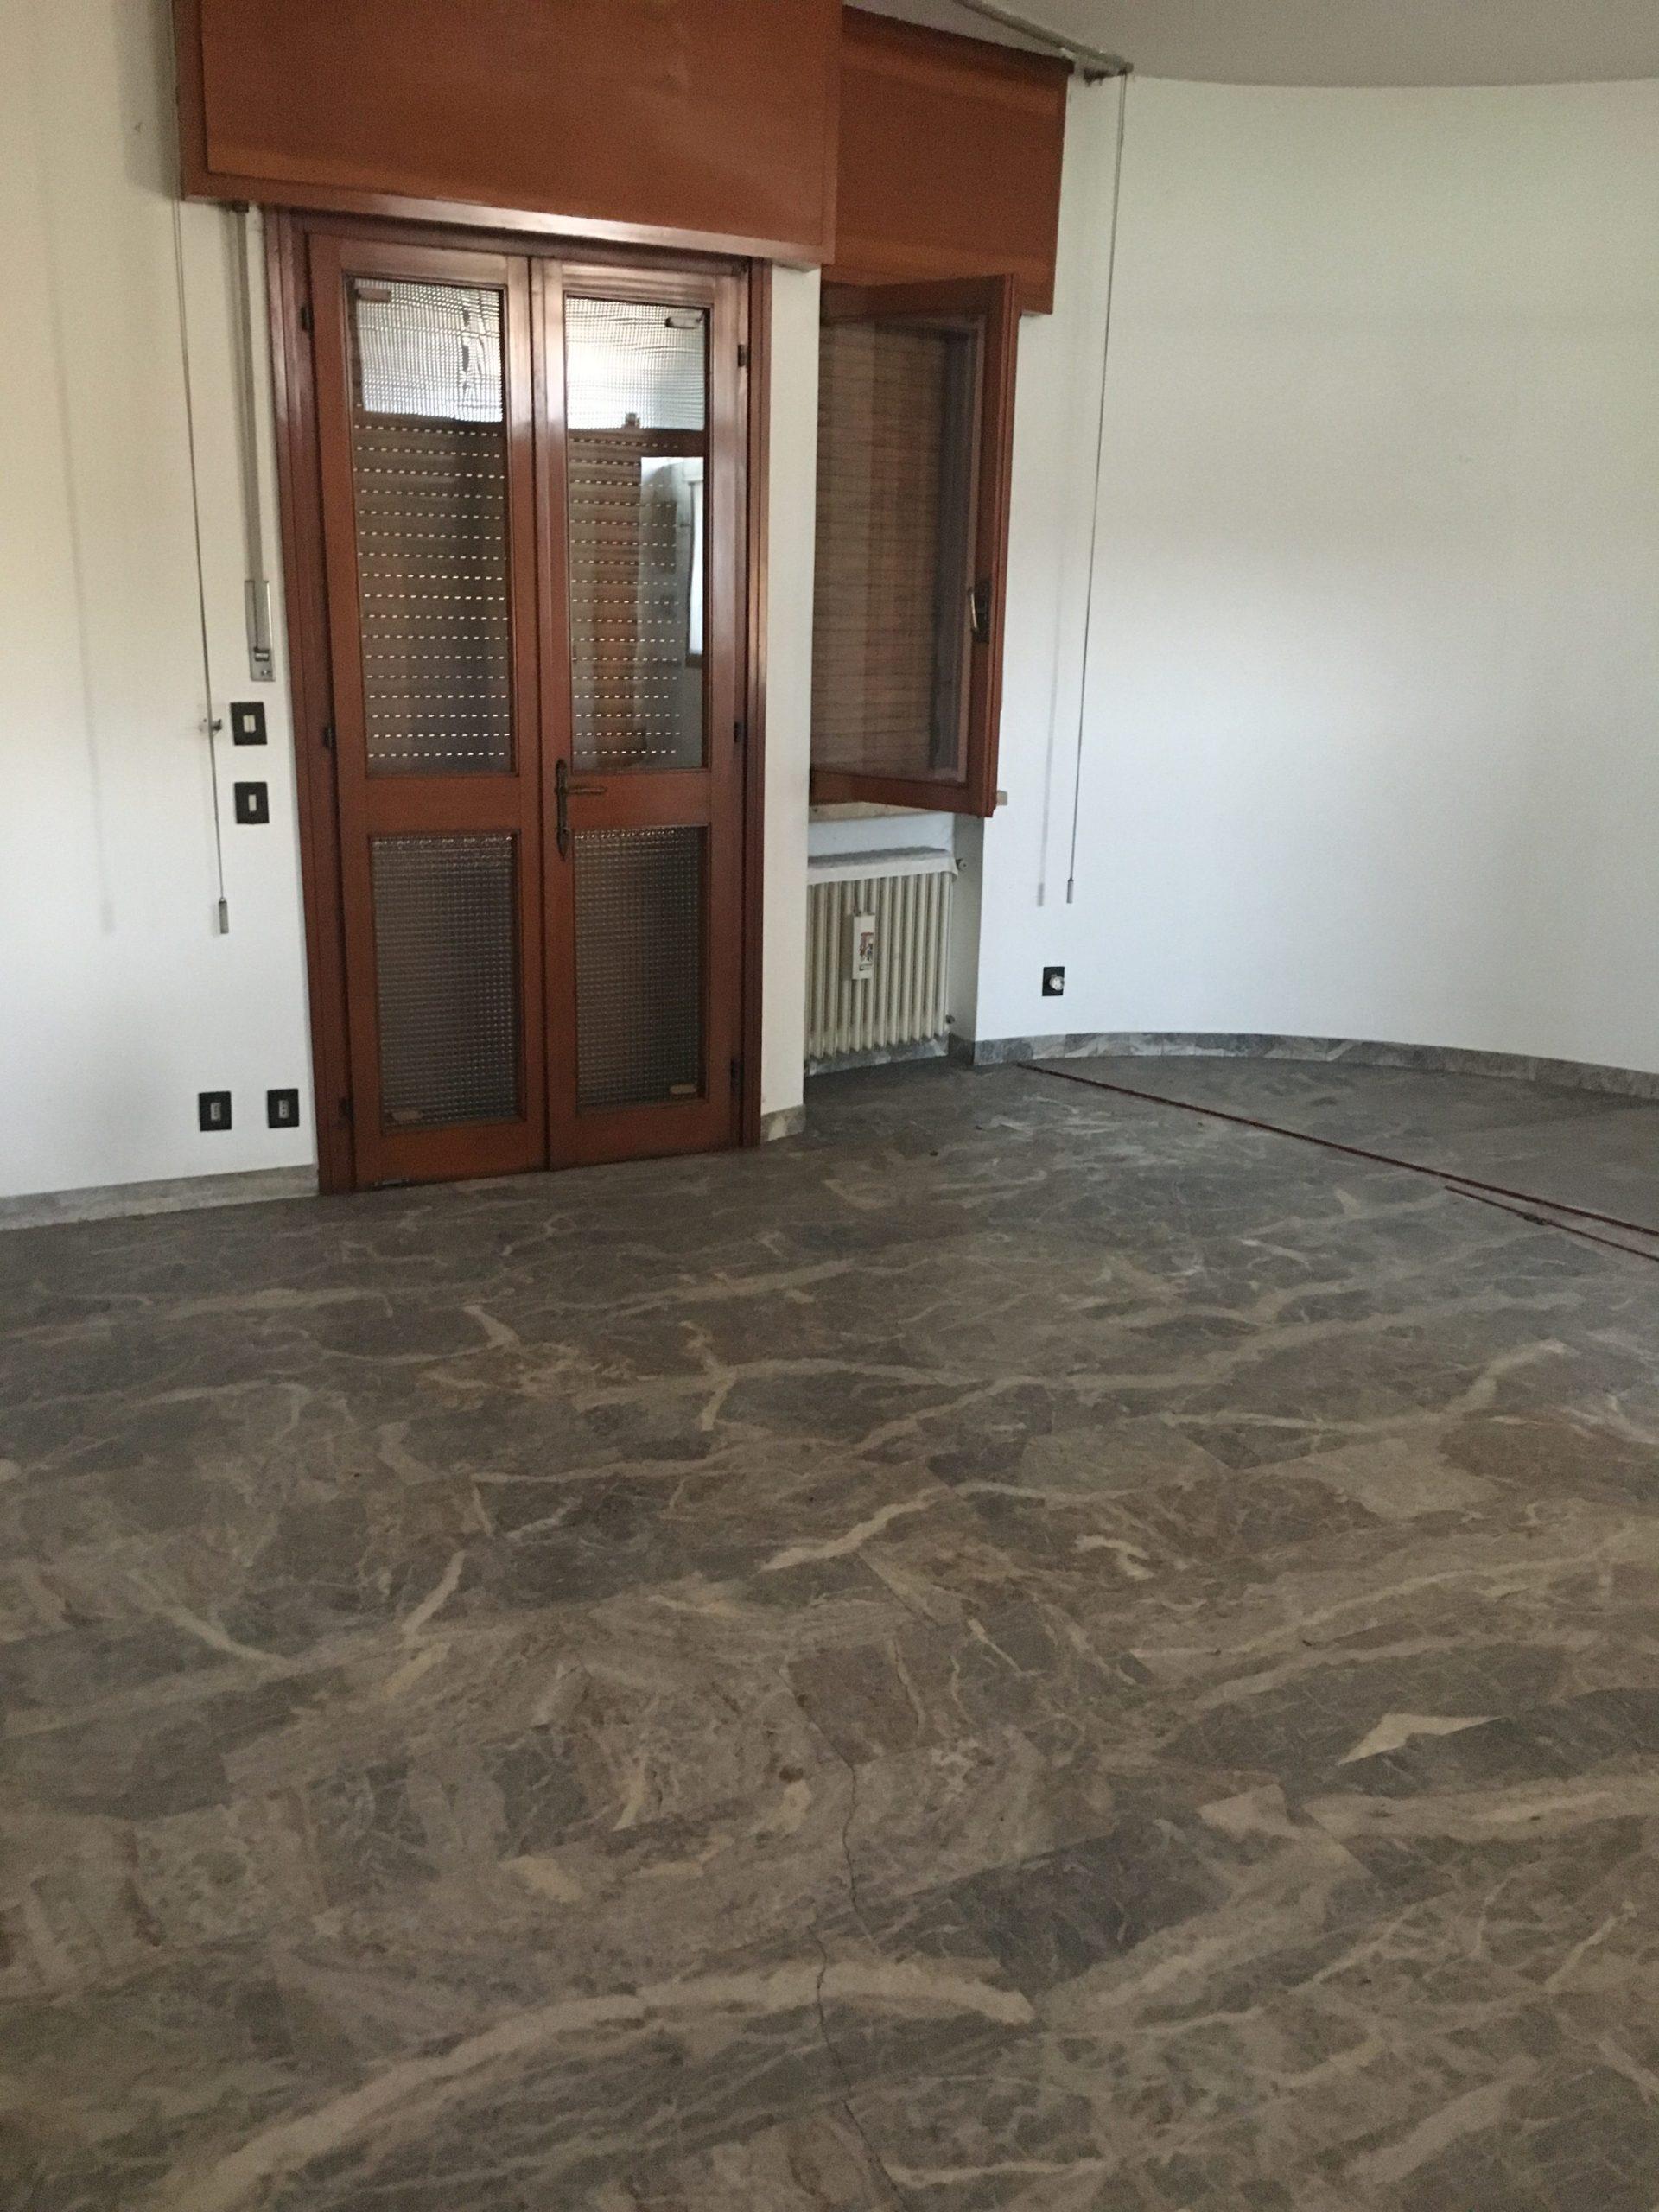 NOVENTA PADOVANA- ZONA ARTIGIANALE, proponiamo in vendita casa singola da ristrutturare